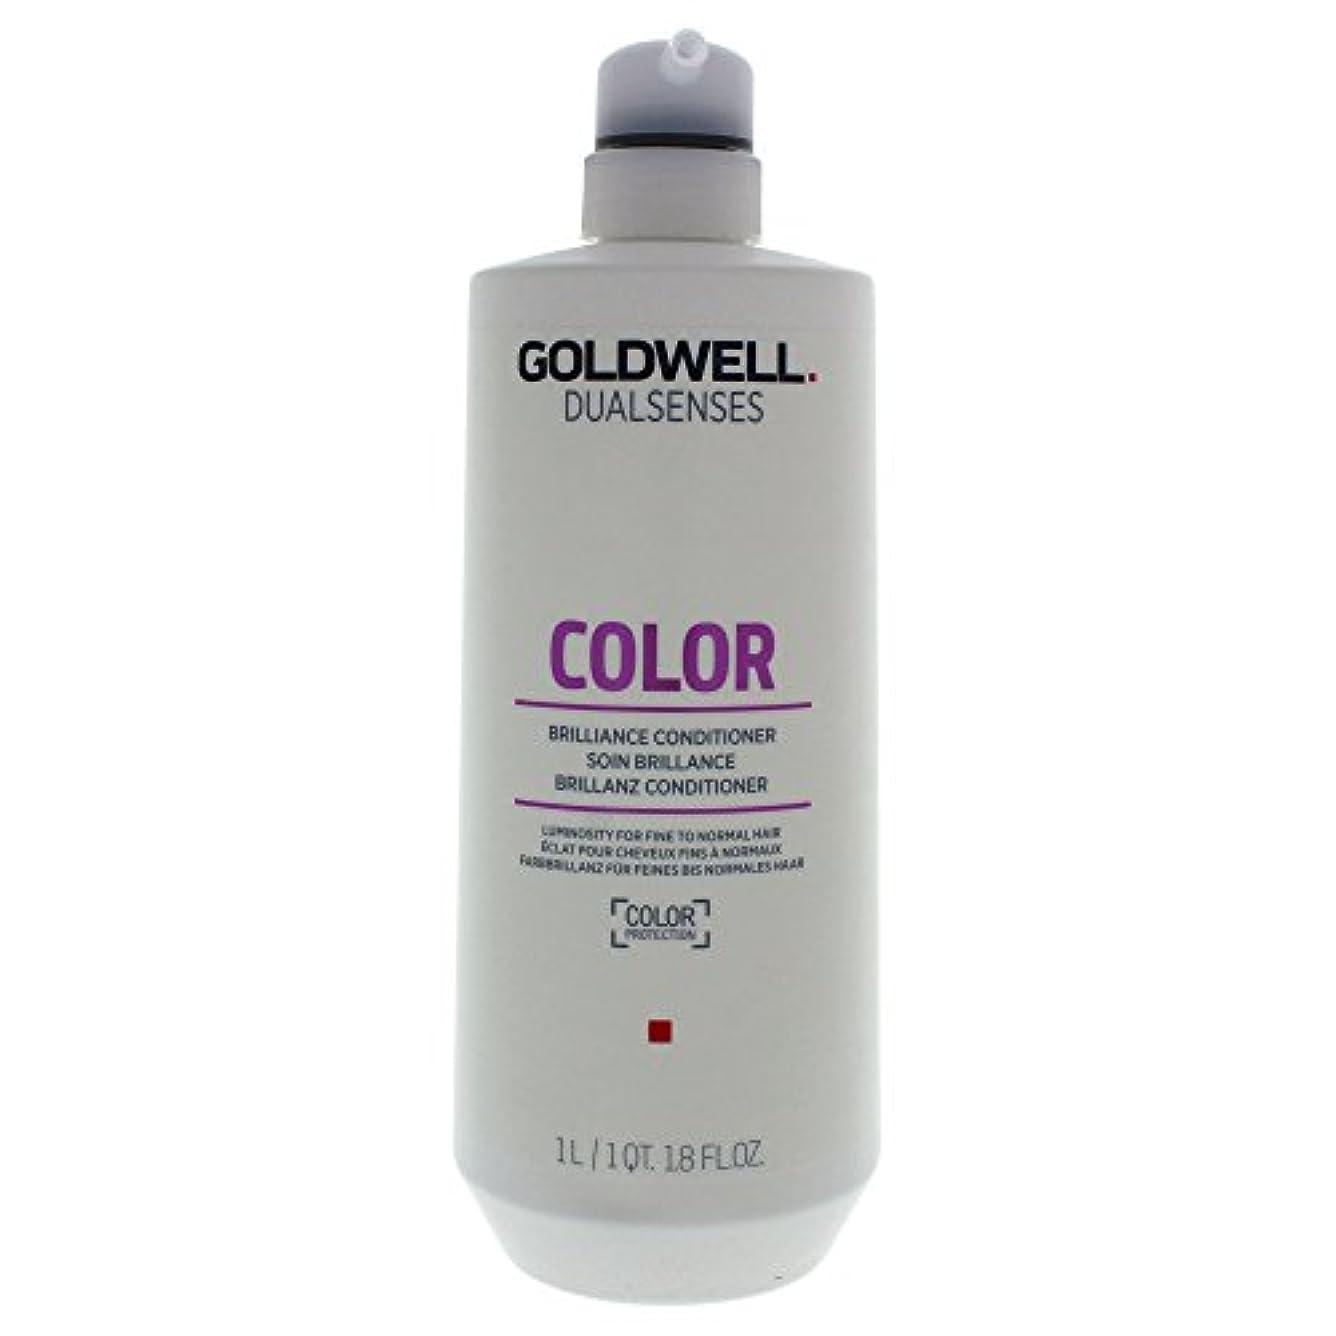 免除する人気の絶対のゴールドウェル Dual Senses Color Brilliance Conditioner (Luminosity For Fine to Normal Hair) 1000ml